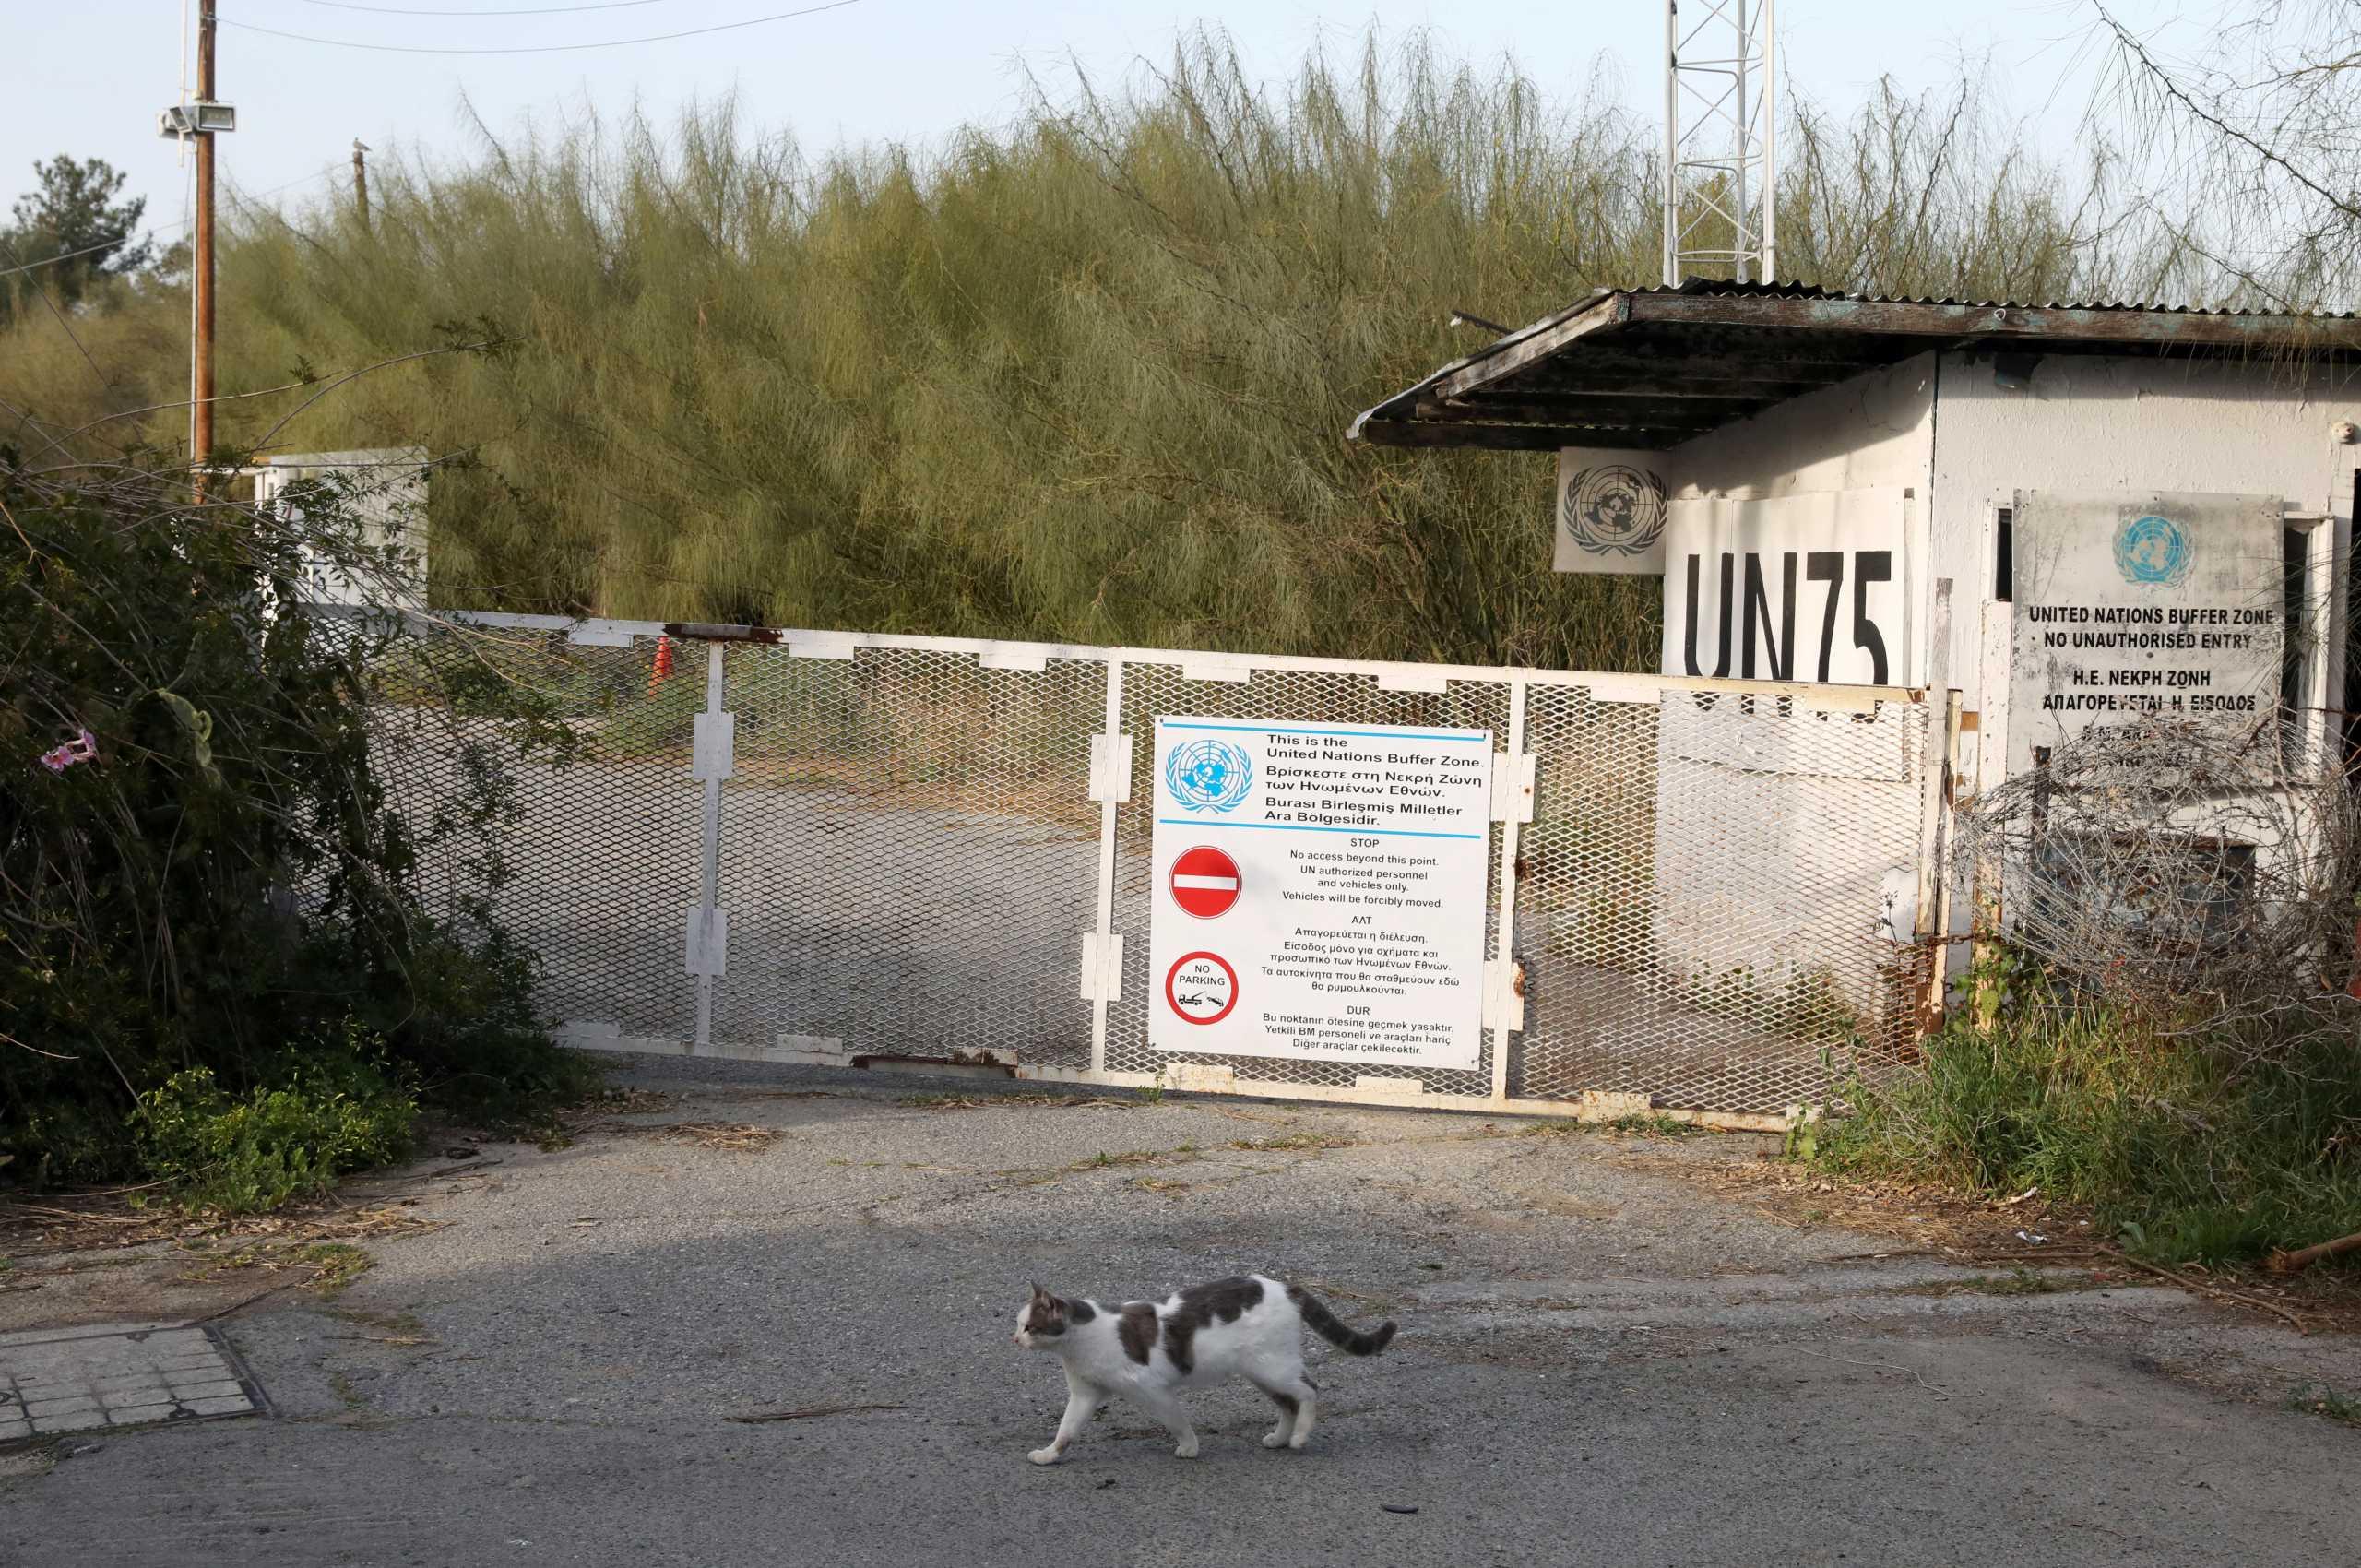 Κύπρος: Μπήκε το συρματόπλεγμα 11 χλμ για να μην περνούν μετανάστες από τα κατεχόμενα